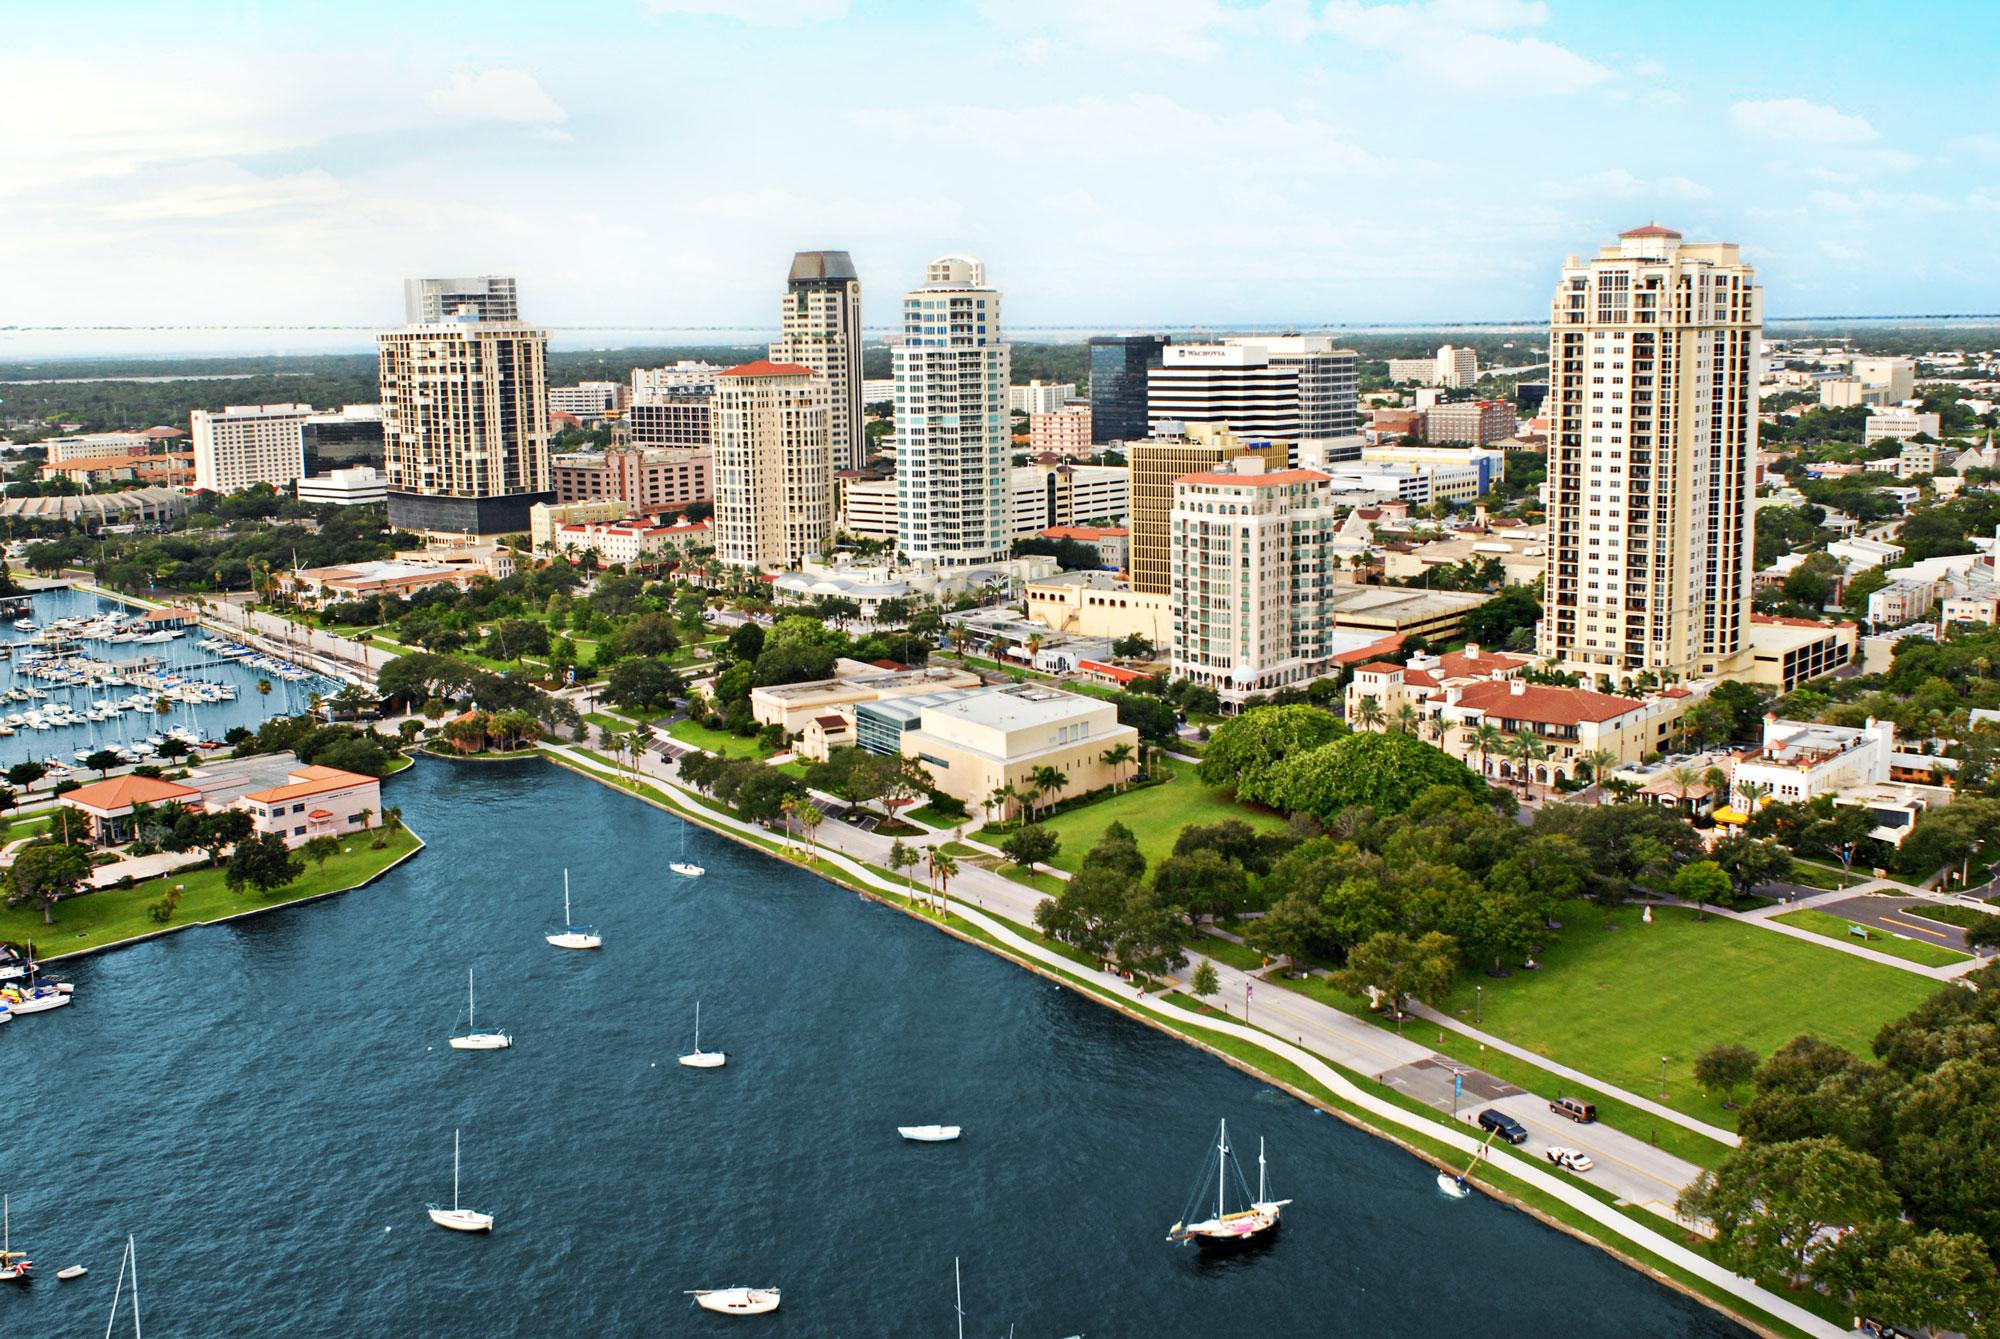 Tampa-St-Petersburg.jpg